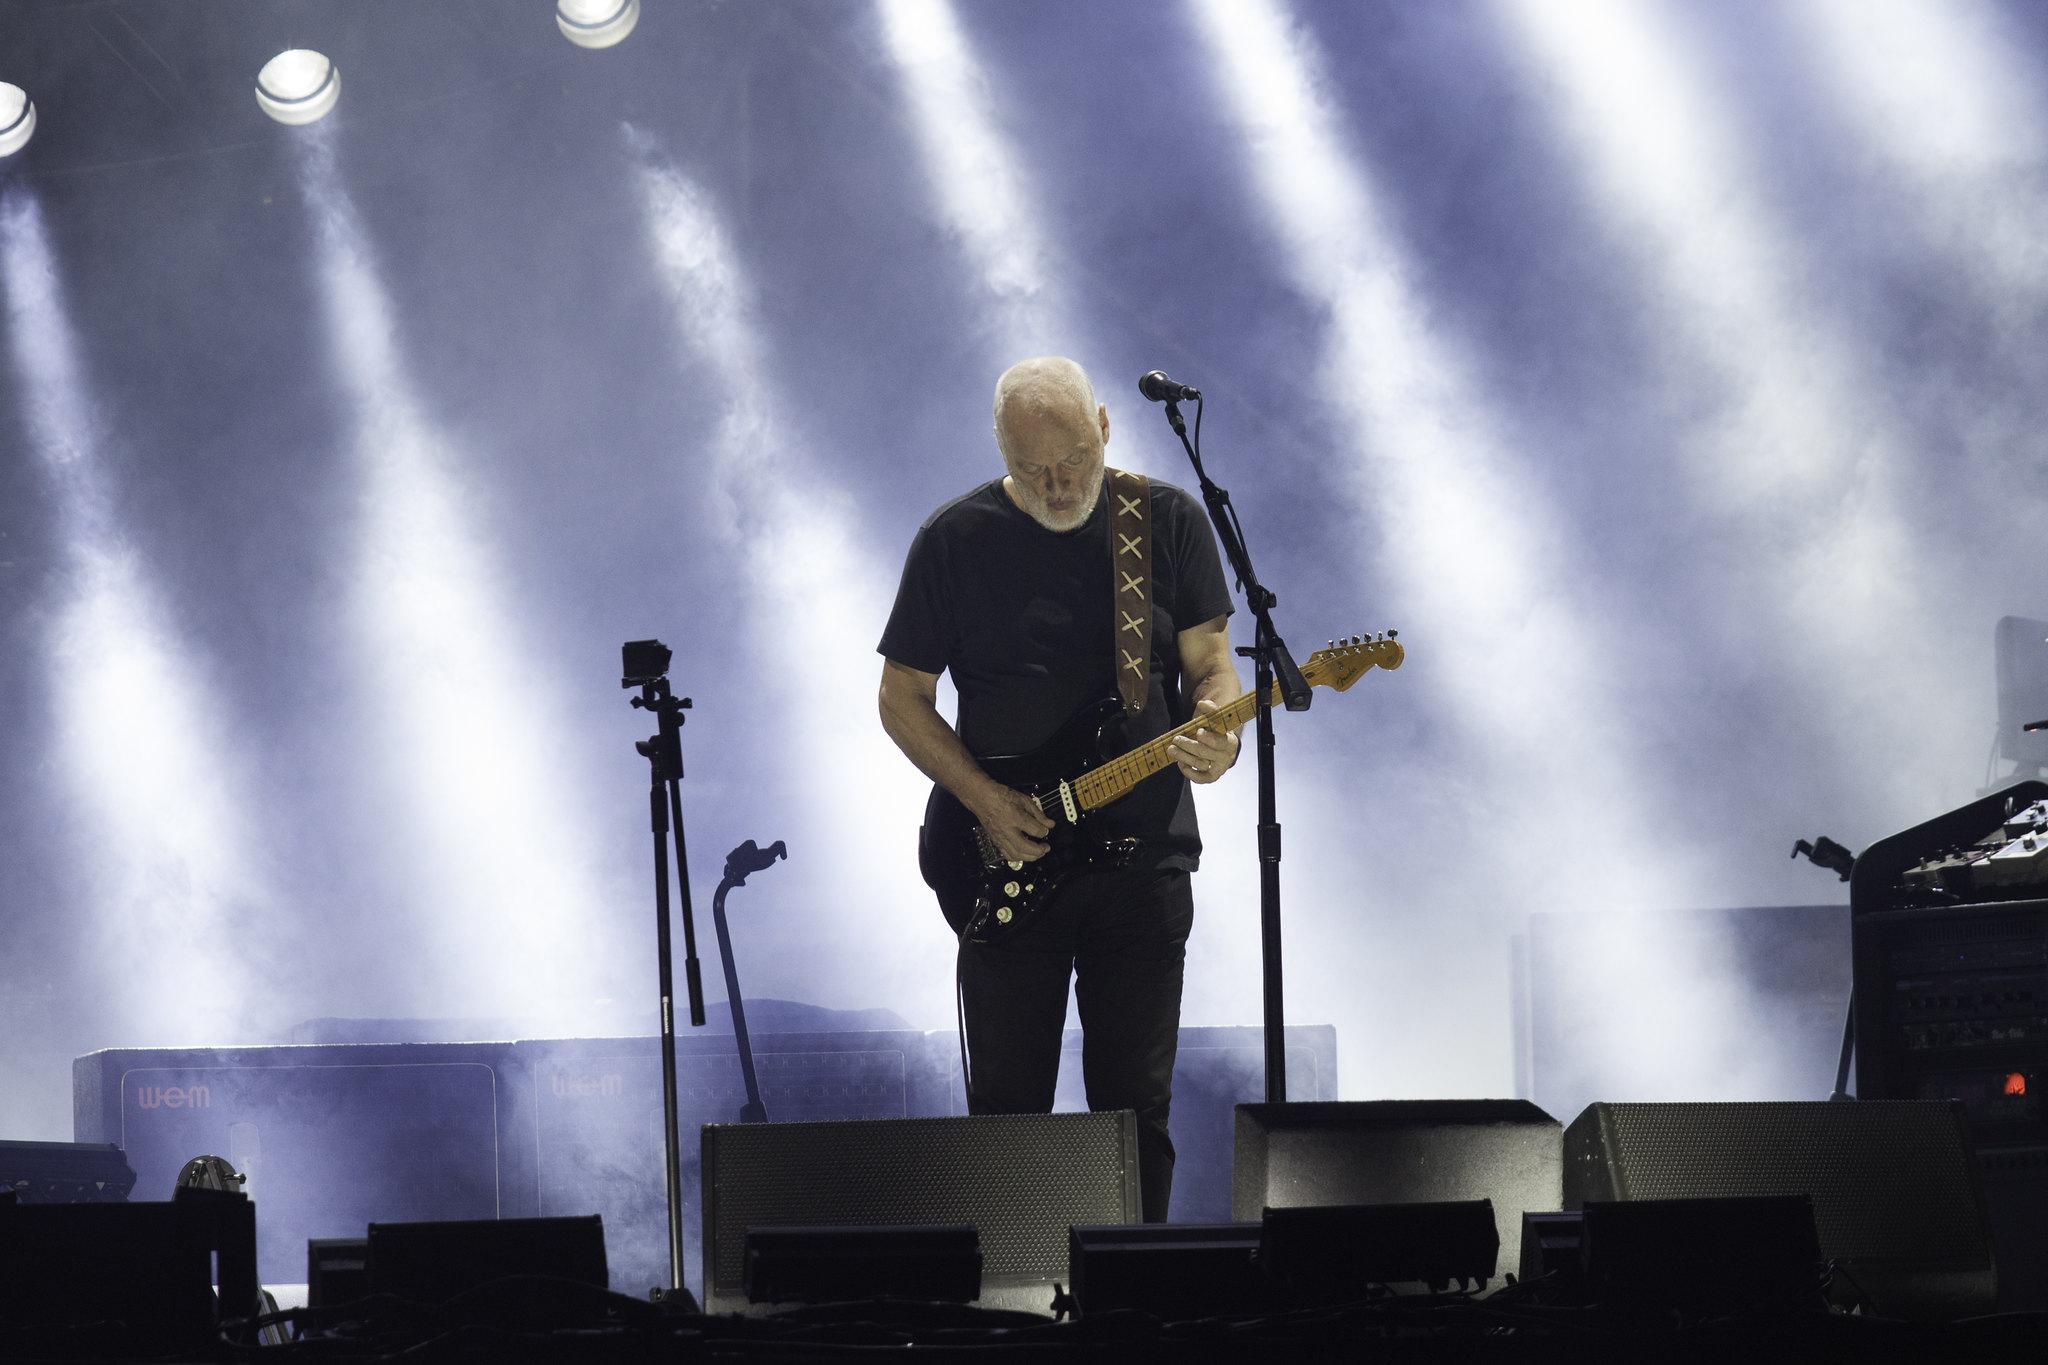 David Gilmour tocando en Hipódromo San Isidro, en Buenos Aires, Argentina. Foto: Flickr / Jimmy Baikovicious